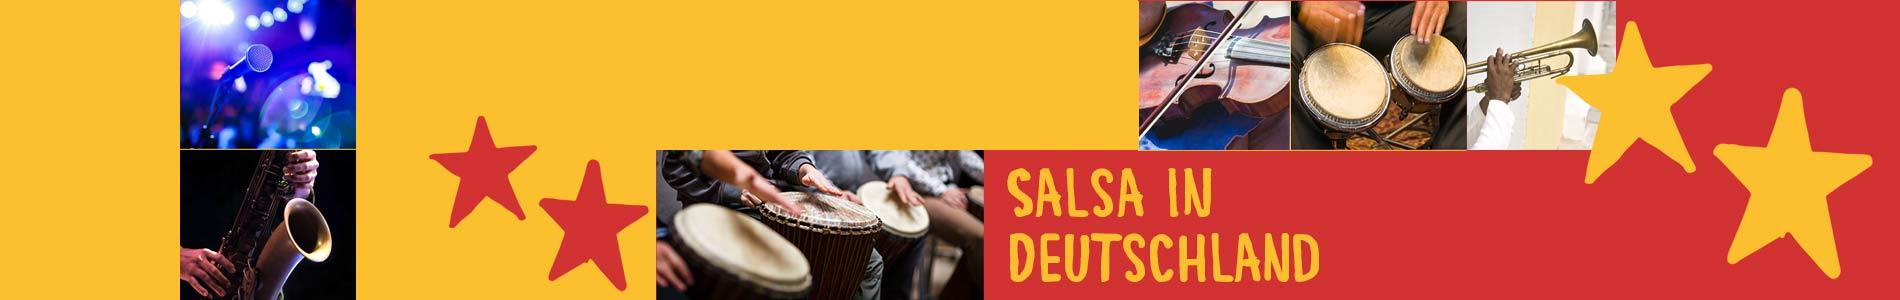 Salsa in Breitnau – Salsa lernen und tanzen, Tanzkurse, Partys, Veranstaltungen